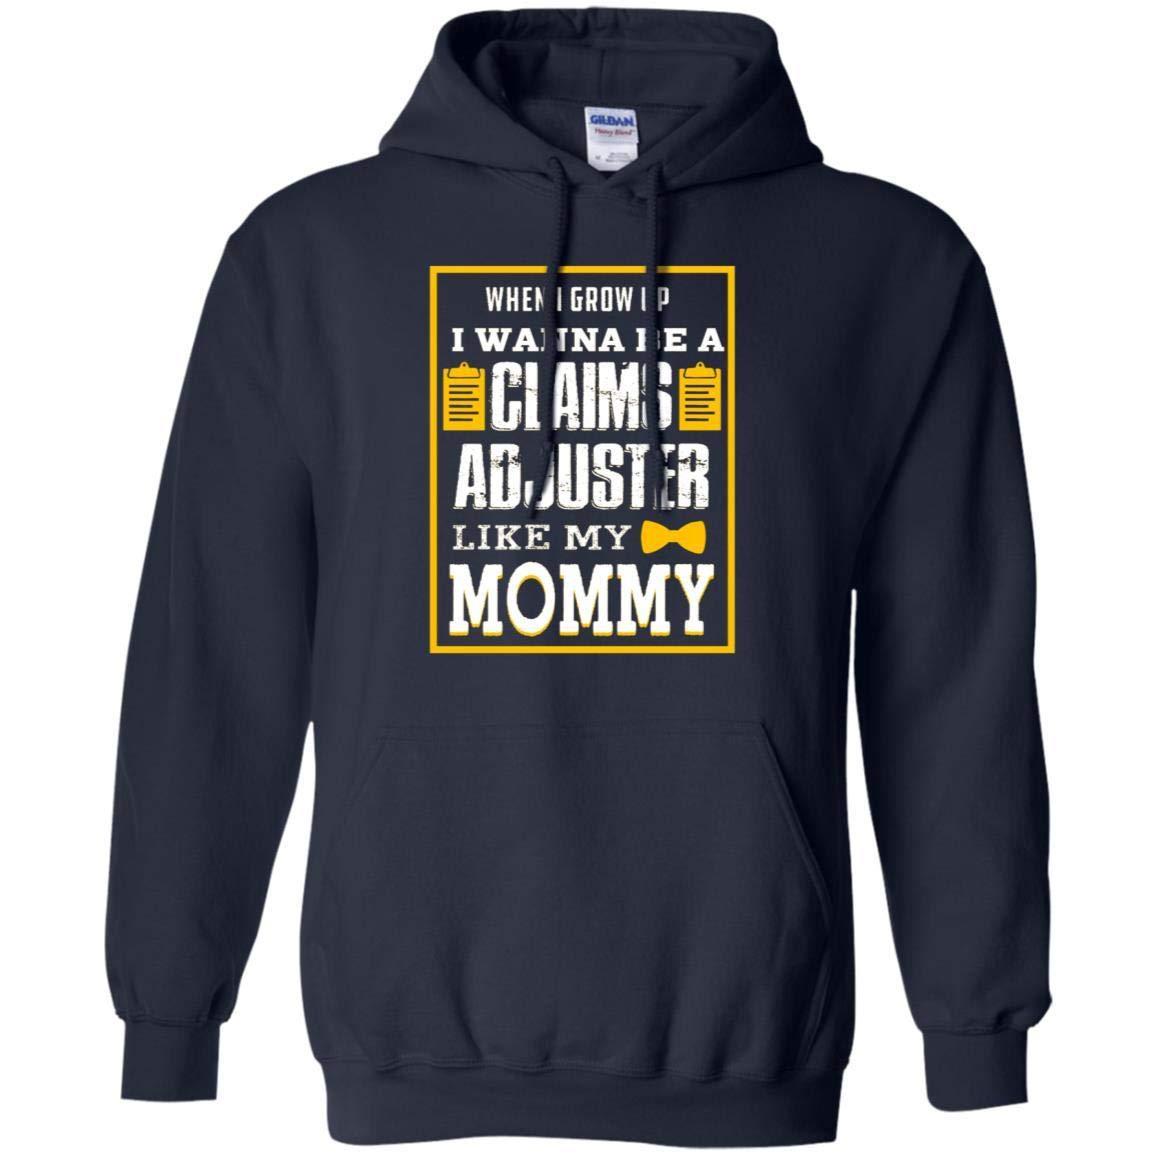 TeeAbelia When I Grow Up I Wanna Be A Claims Adjuster Like My Mommy Shirt